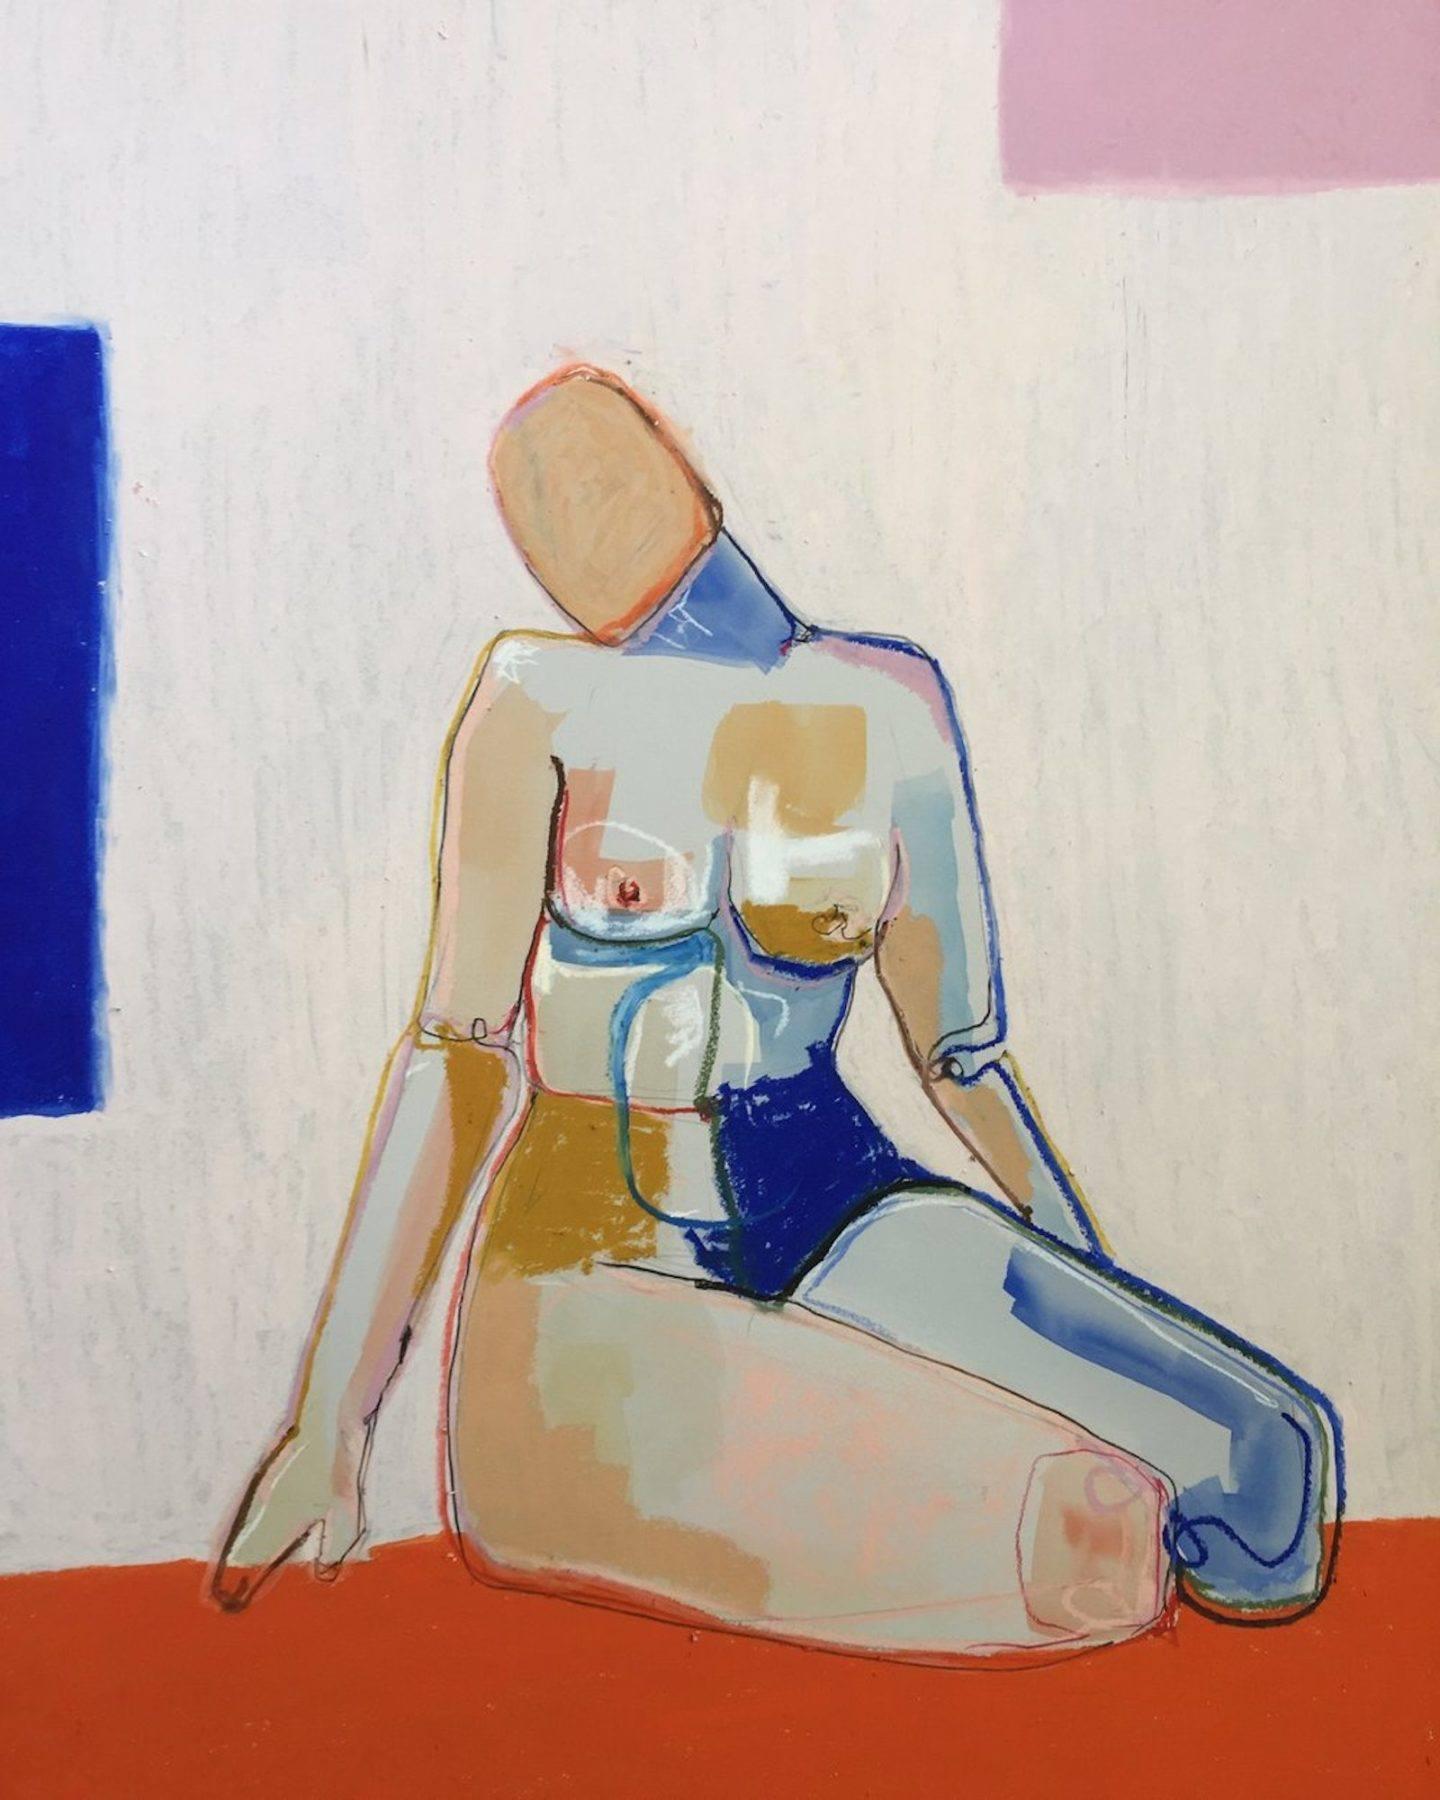 IGNANT-Art-Fipe-Gouge-Merrall-011